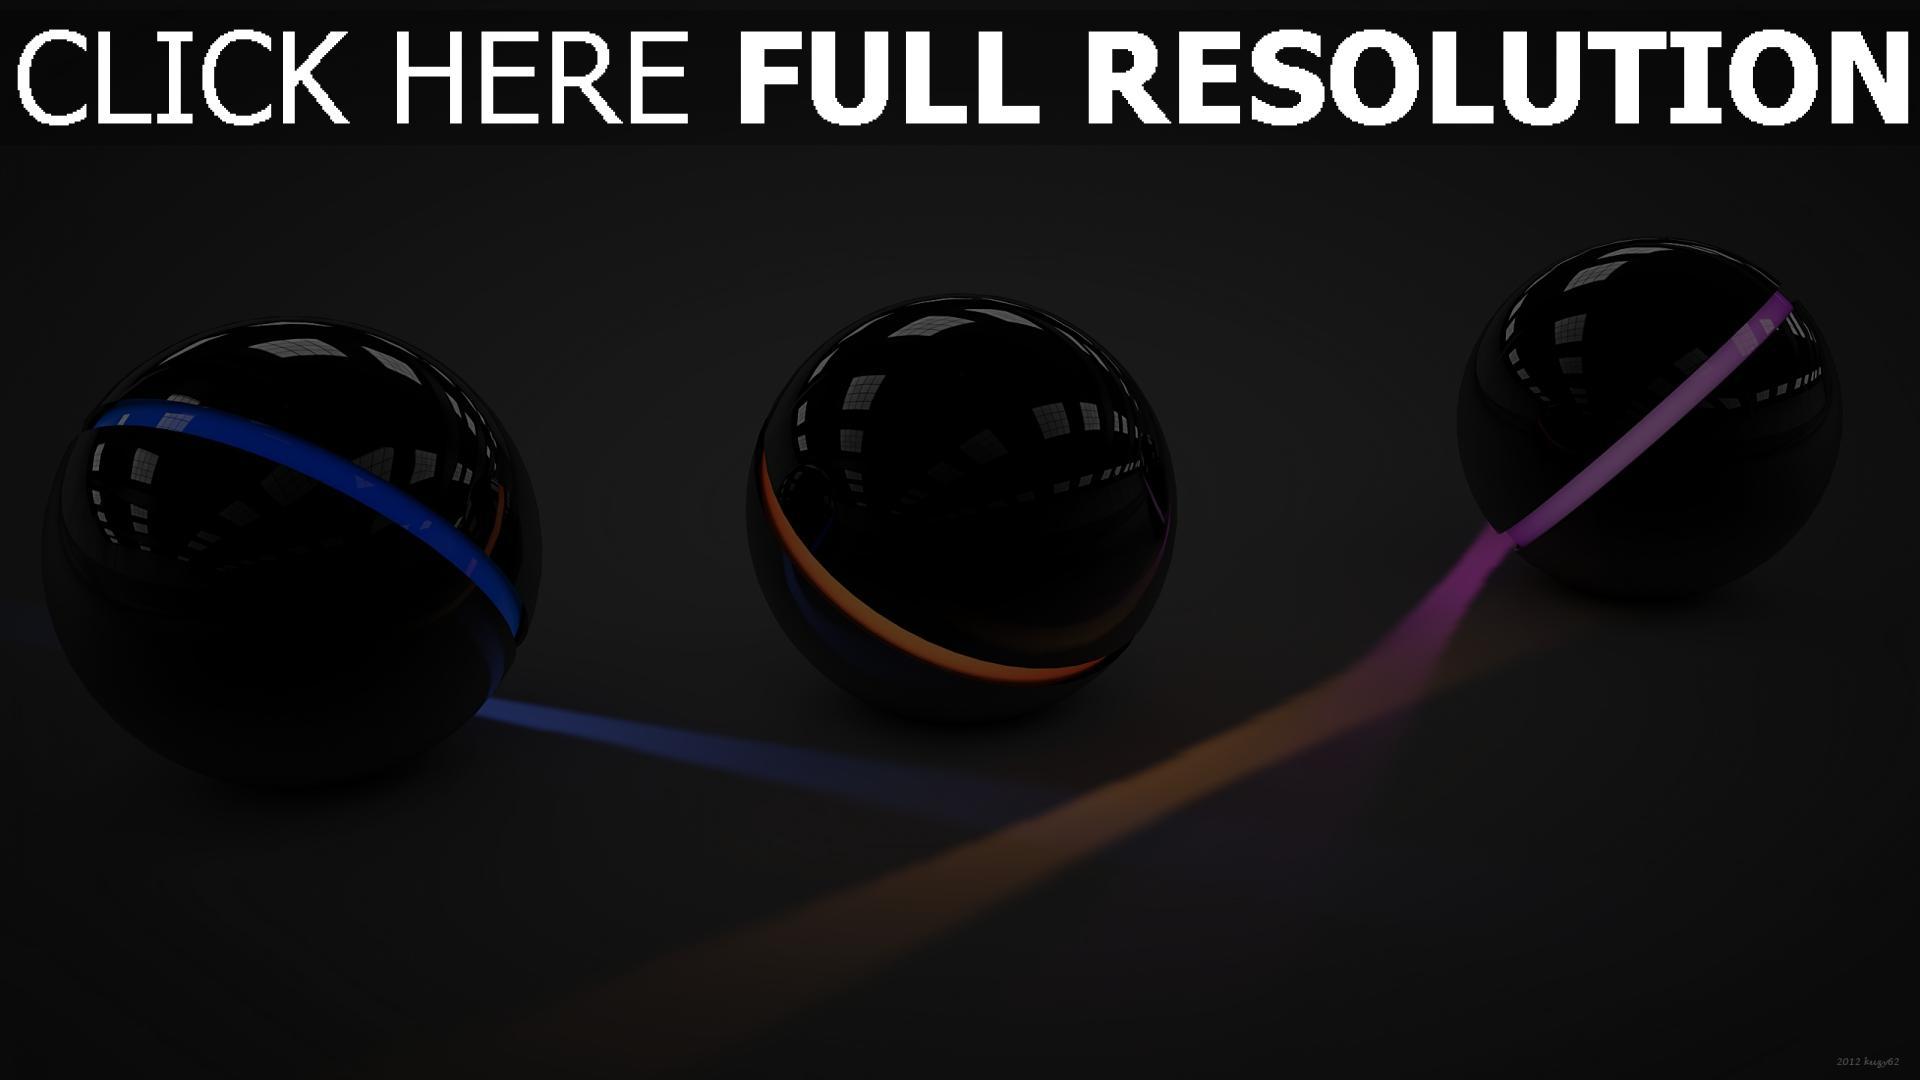 fond d'écran 1920x1080 sphère neon lumière surface brillante